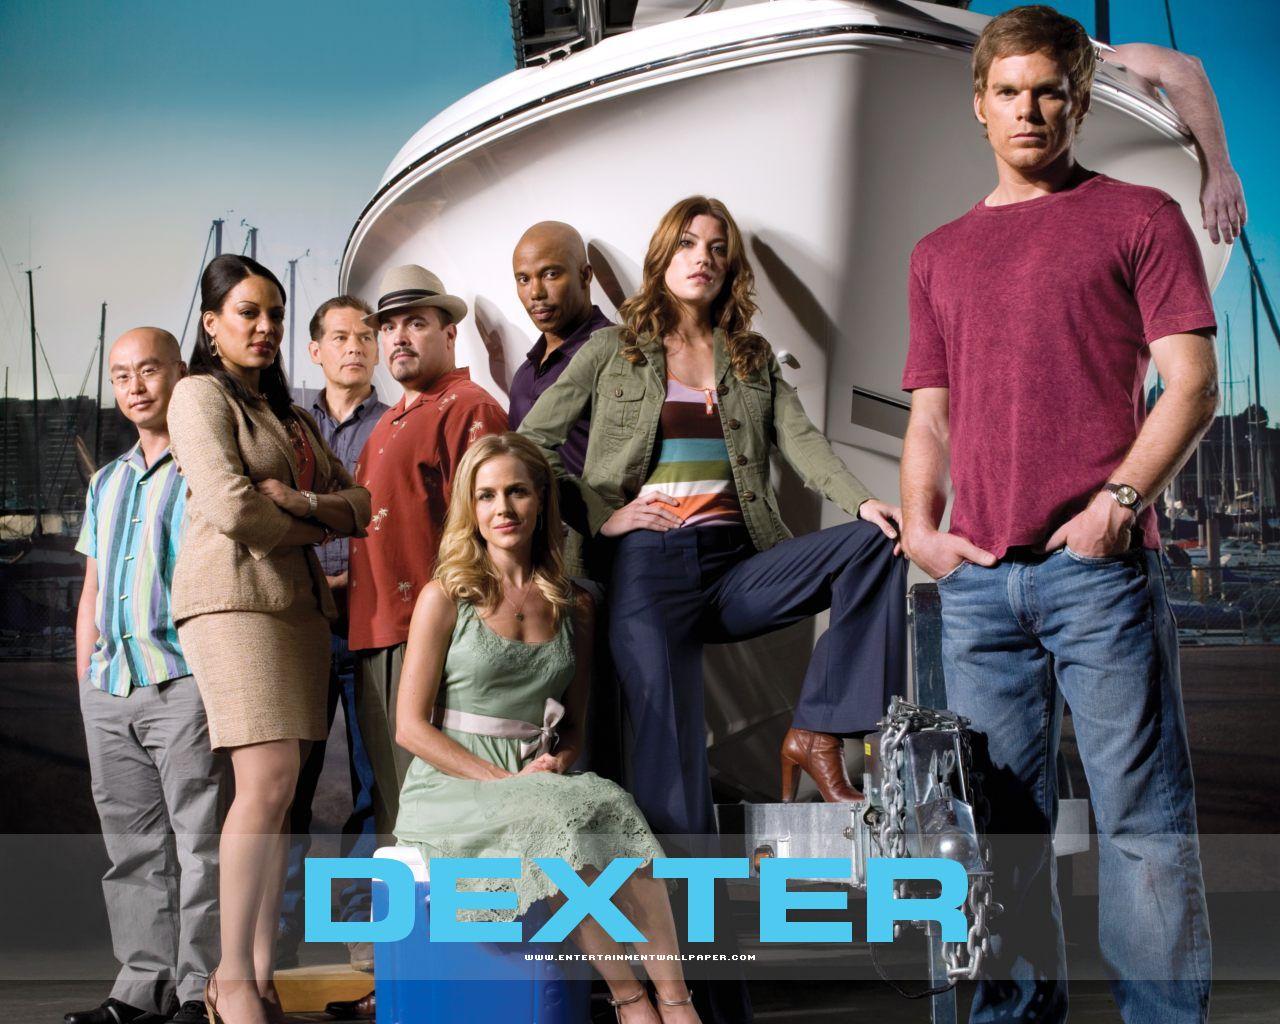 http://1.bp.blogspot.com/_nD_YgZuOadA/TIlZ8IW93oI/AAAAAAAAAO8/qLyMh7TTO94/s1600/Dexter-dexter-736408_1280_1024.jpg